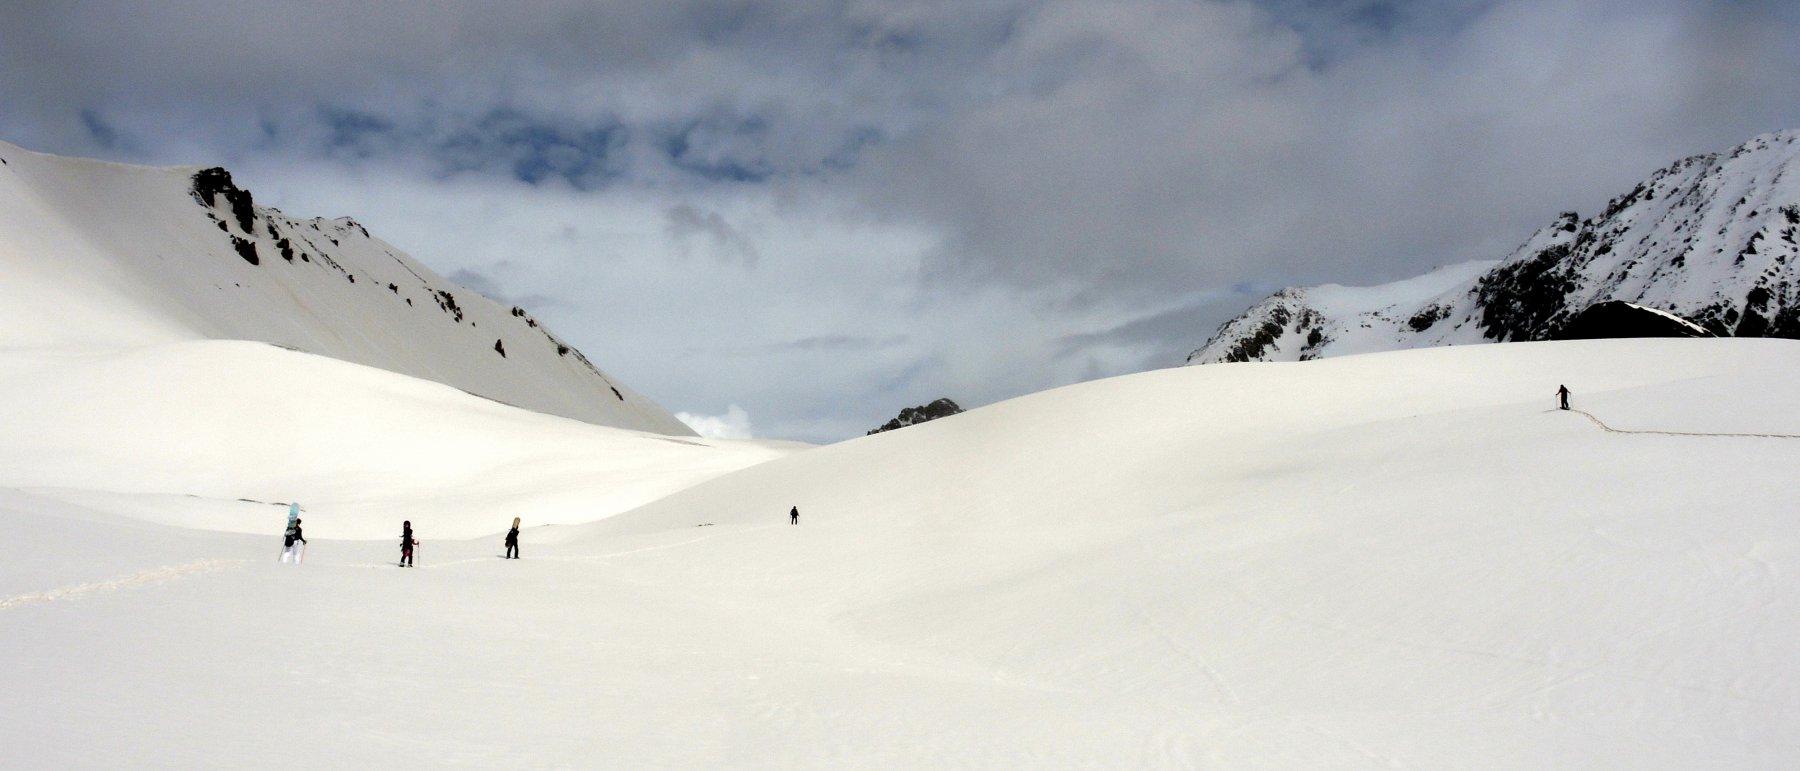 verso il colle, tra dune di neve